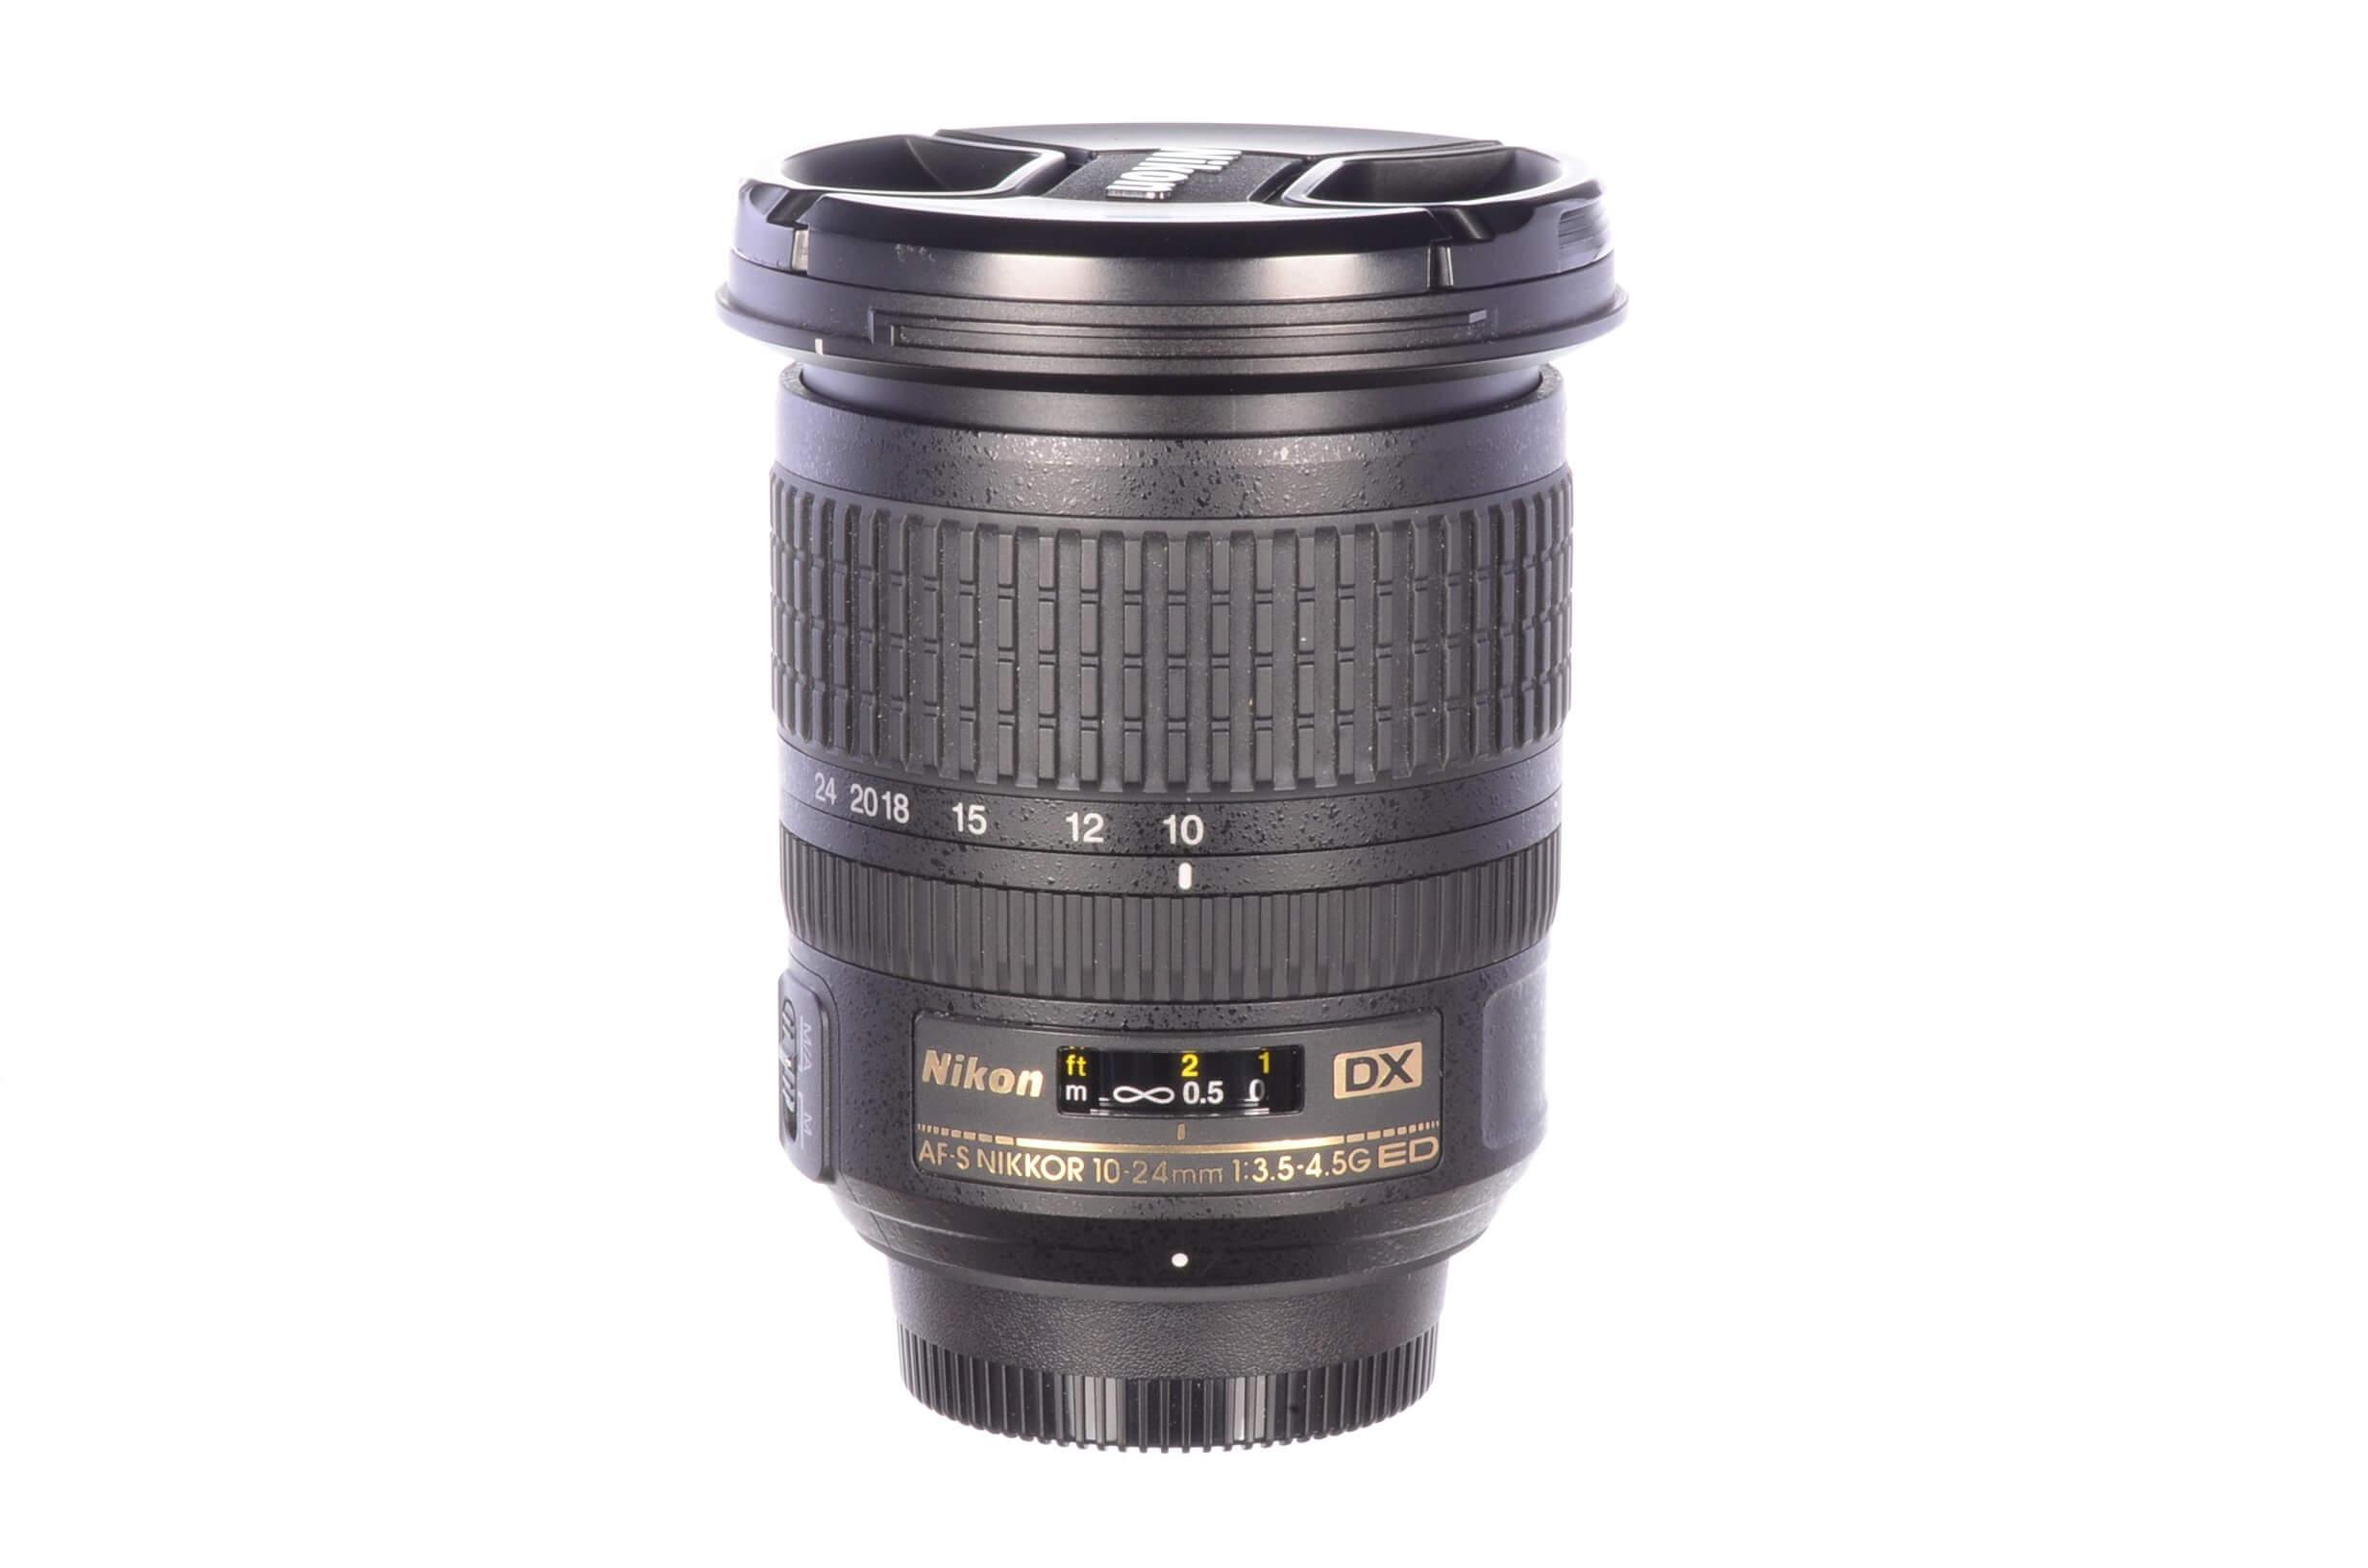 Nikon 10-24mm f3.5-4.5 AF-S DX G ED, stunning!